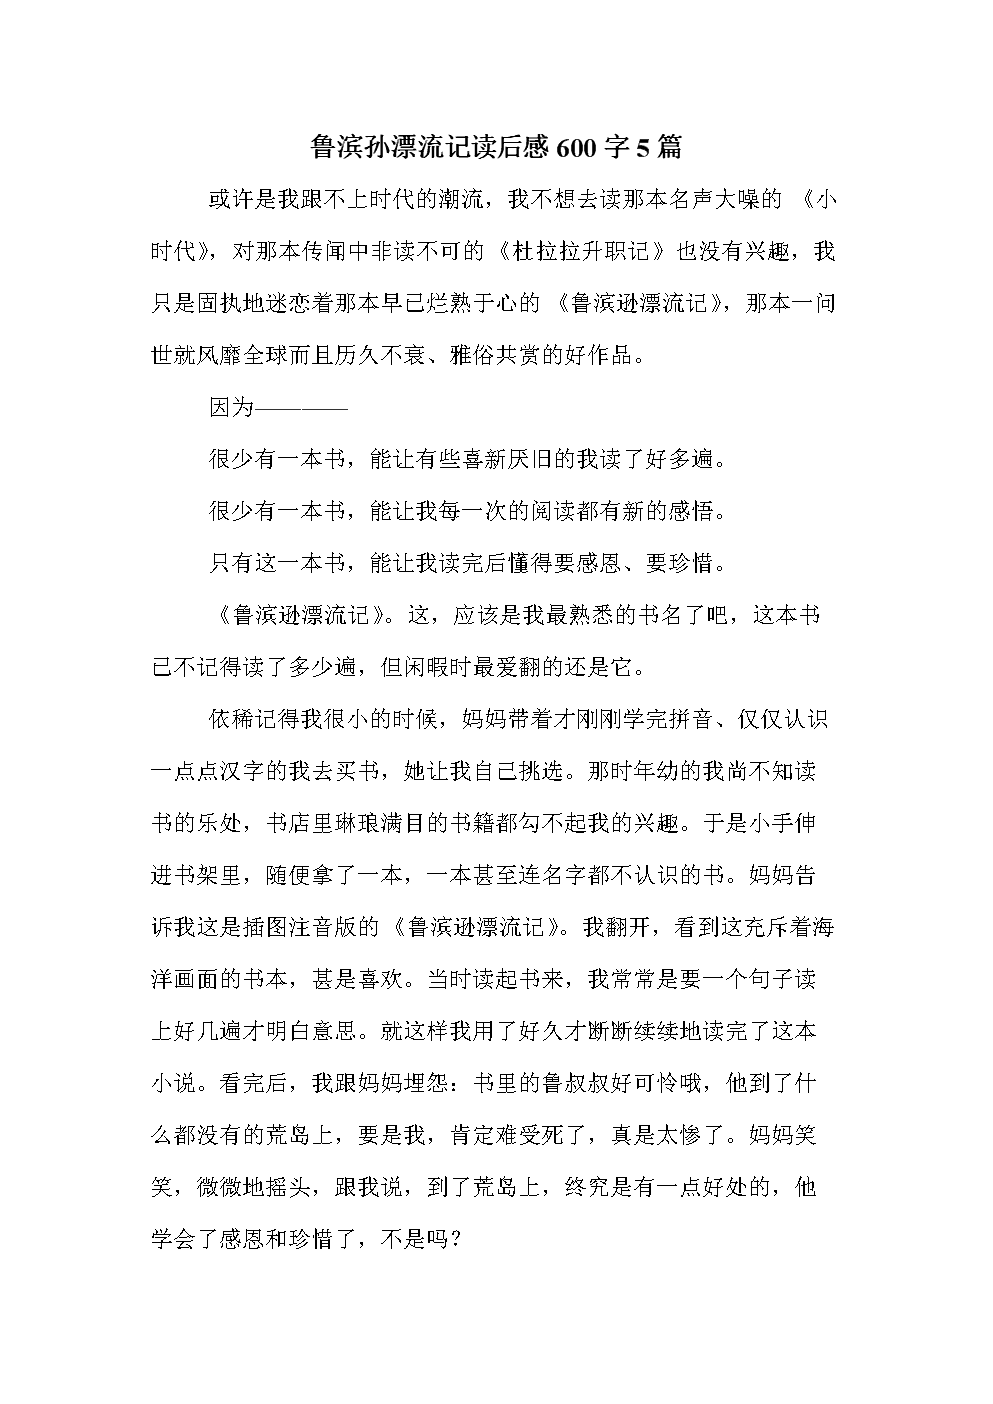 鲁滨孙漂流记读后感600字5篇 .doc